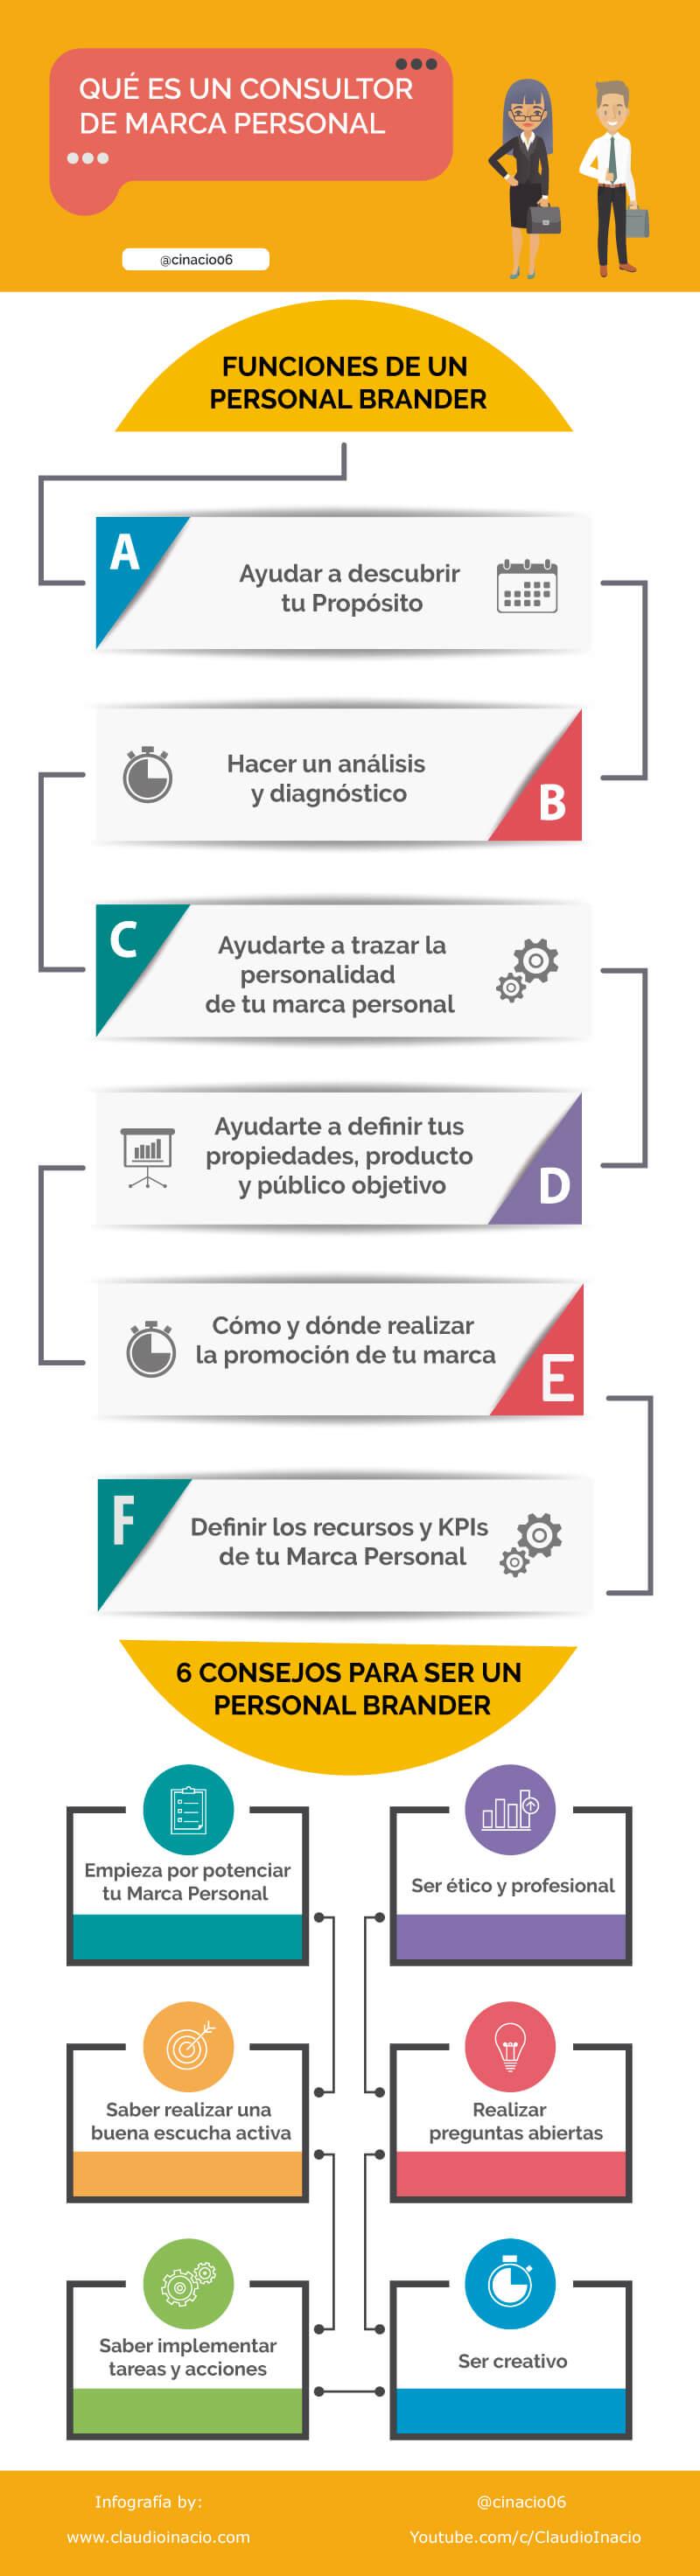 Infografía de un Consultor de Marca Personal con consejos y funciones